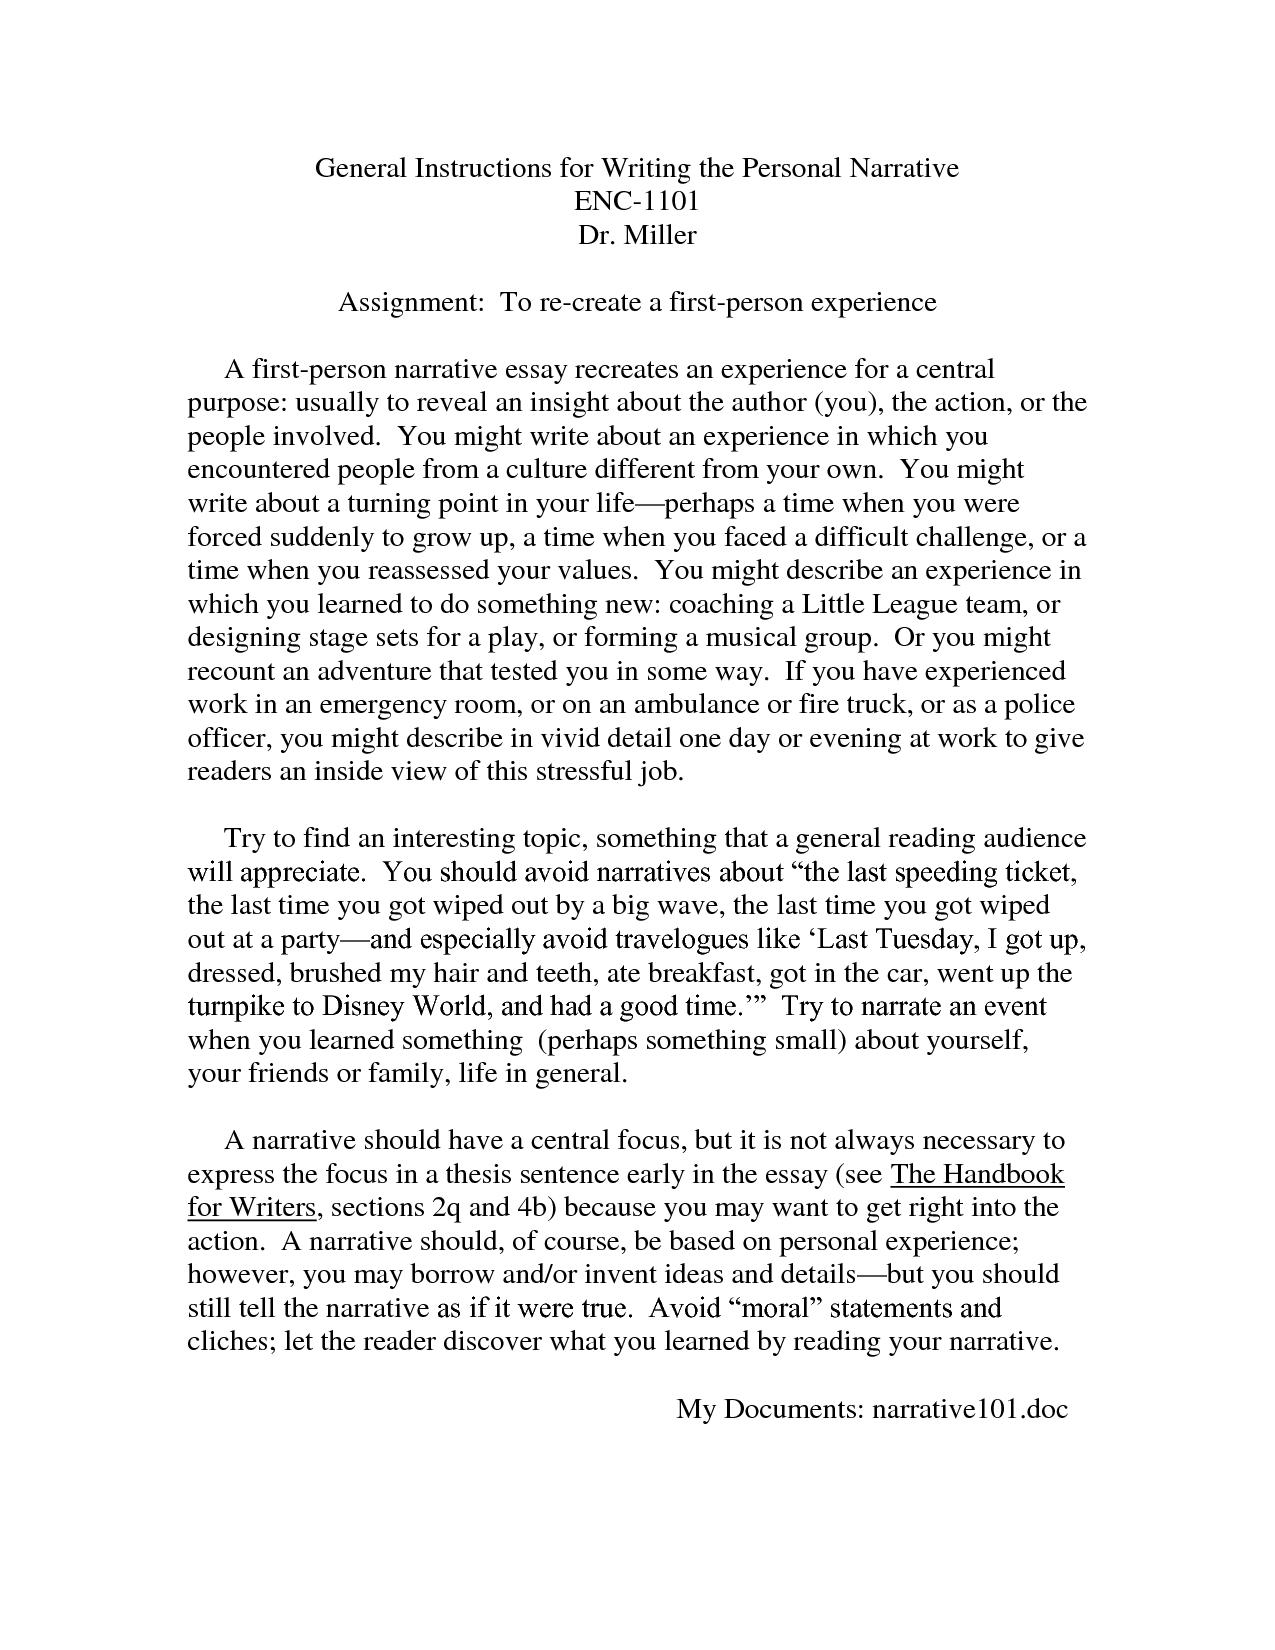 Semi narrative essay assignment